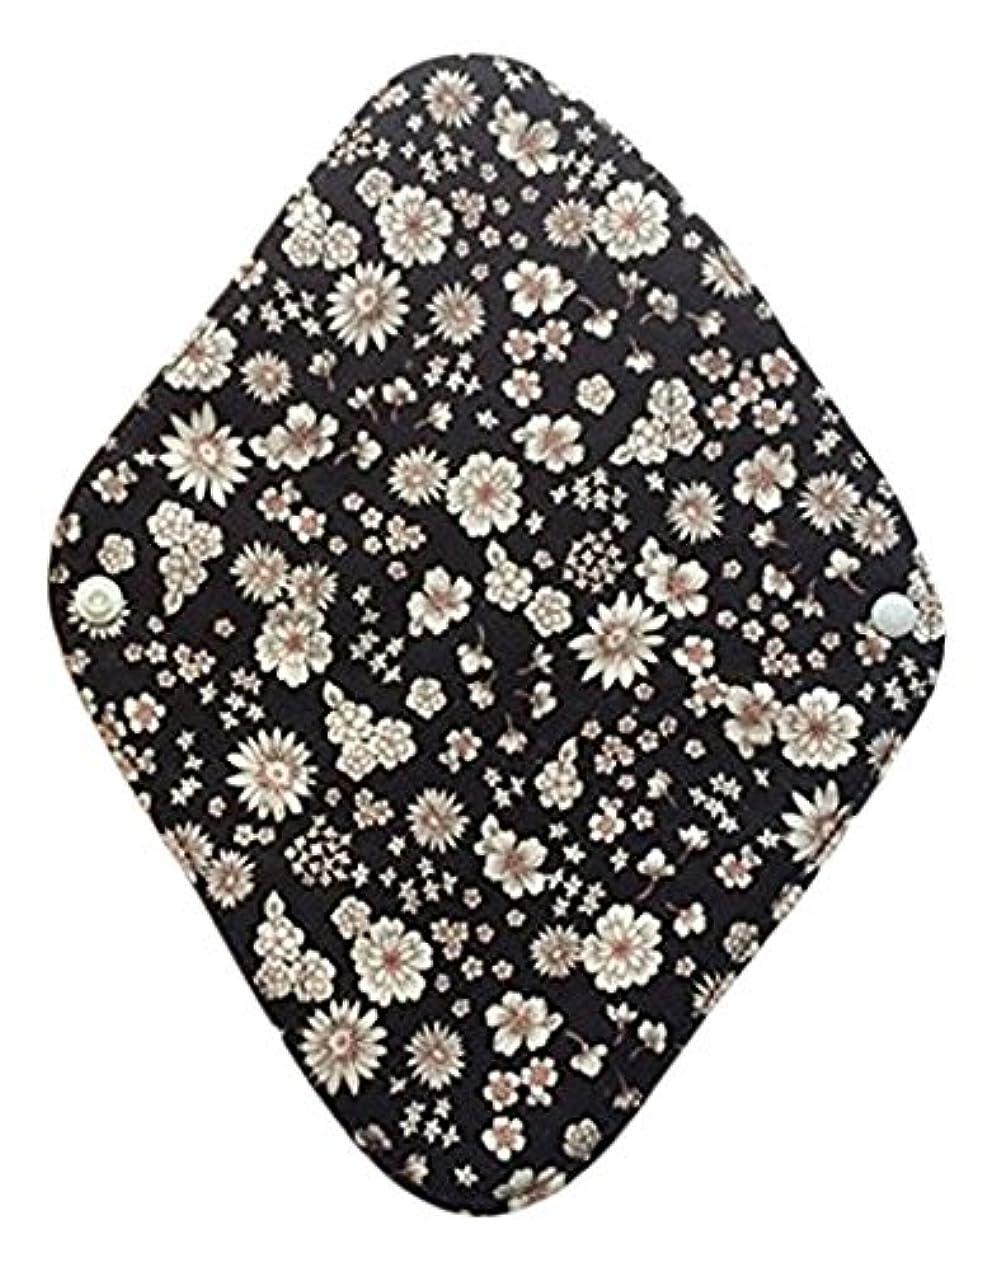 ラメスキルグローブ華布のオーガニックコットンの布ナプキンホルダー (約17×約23×約0.3cm) ボタニカルブラック